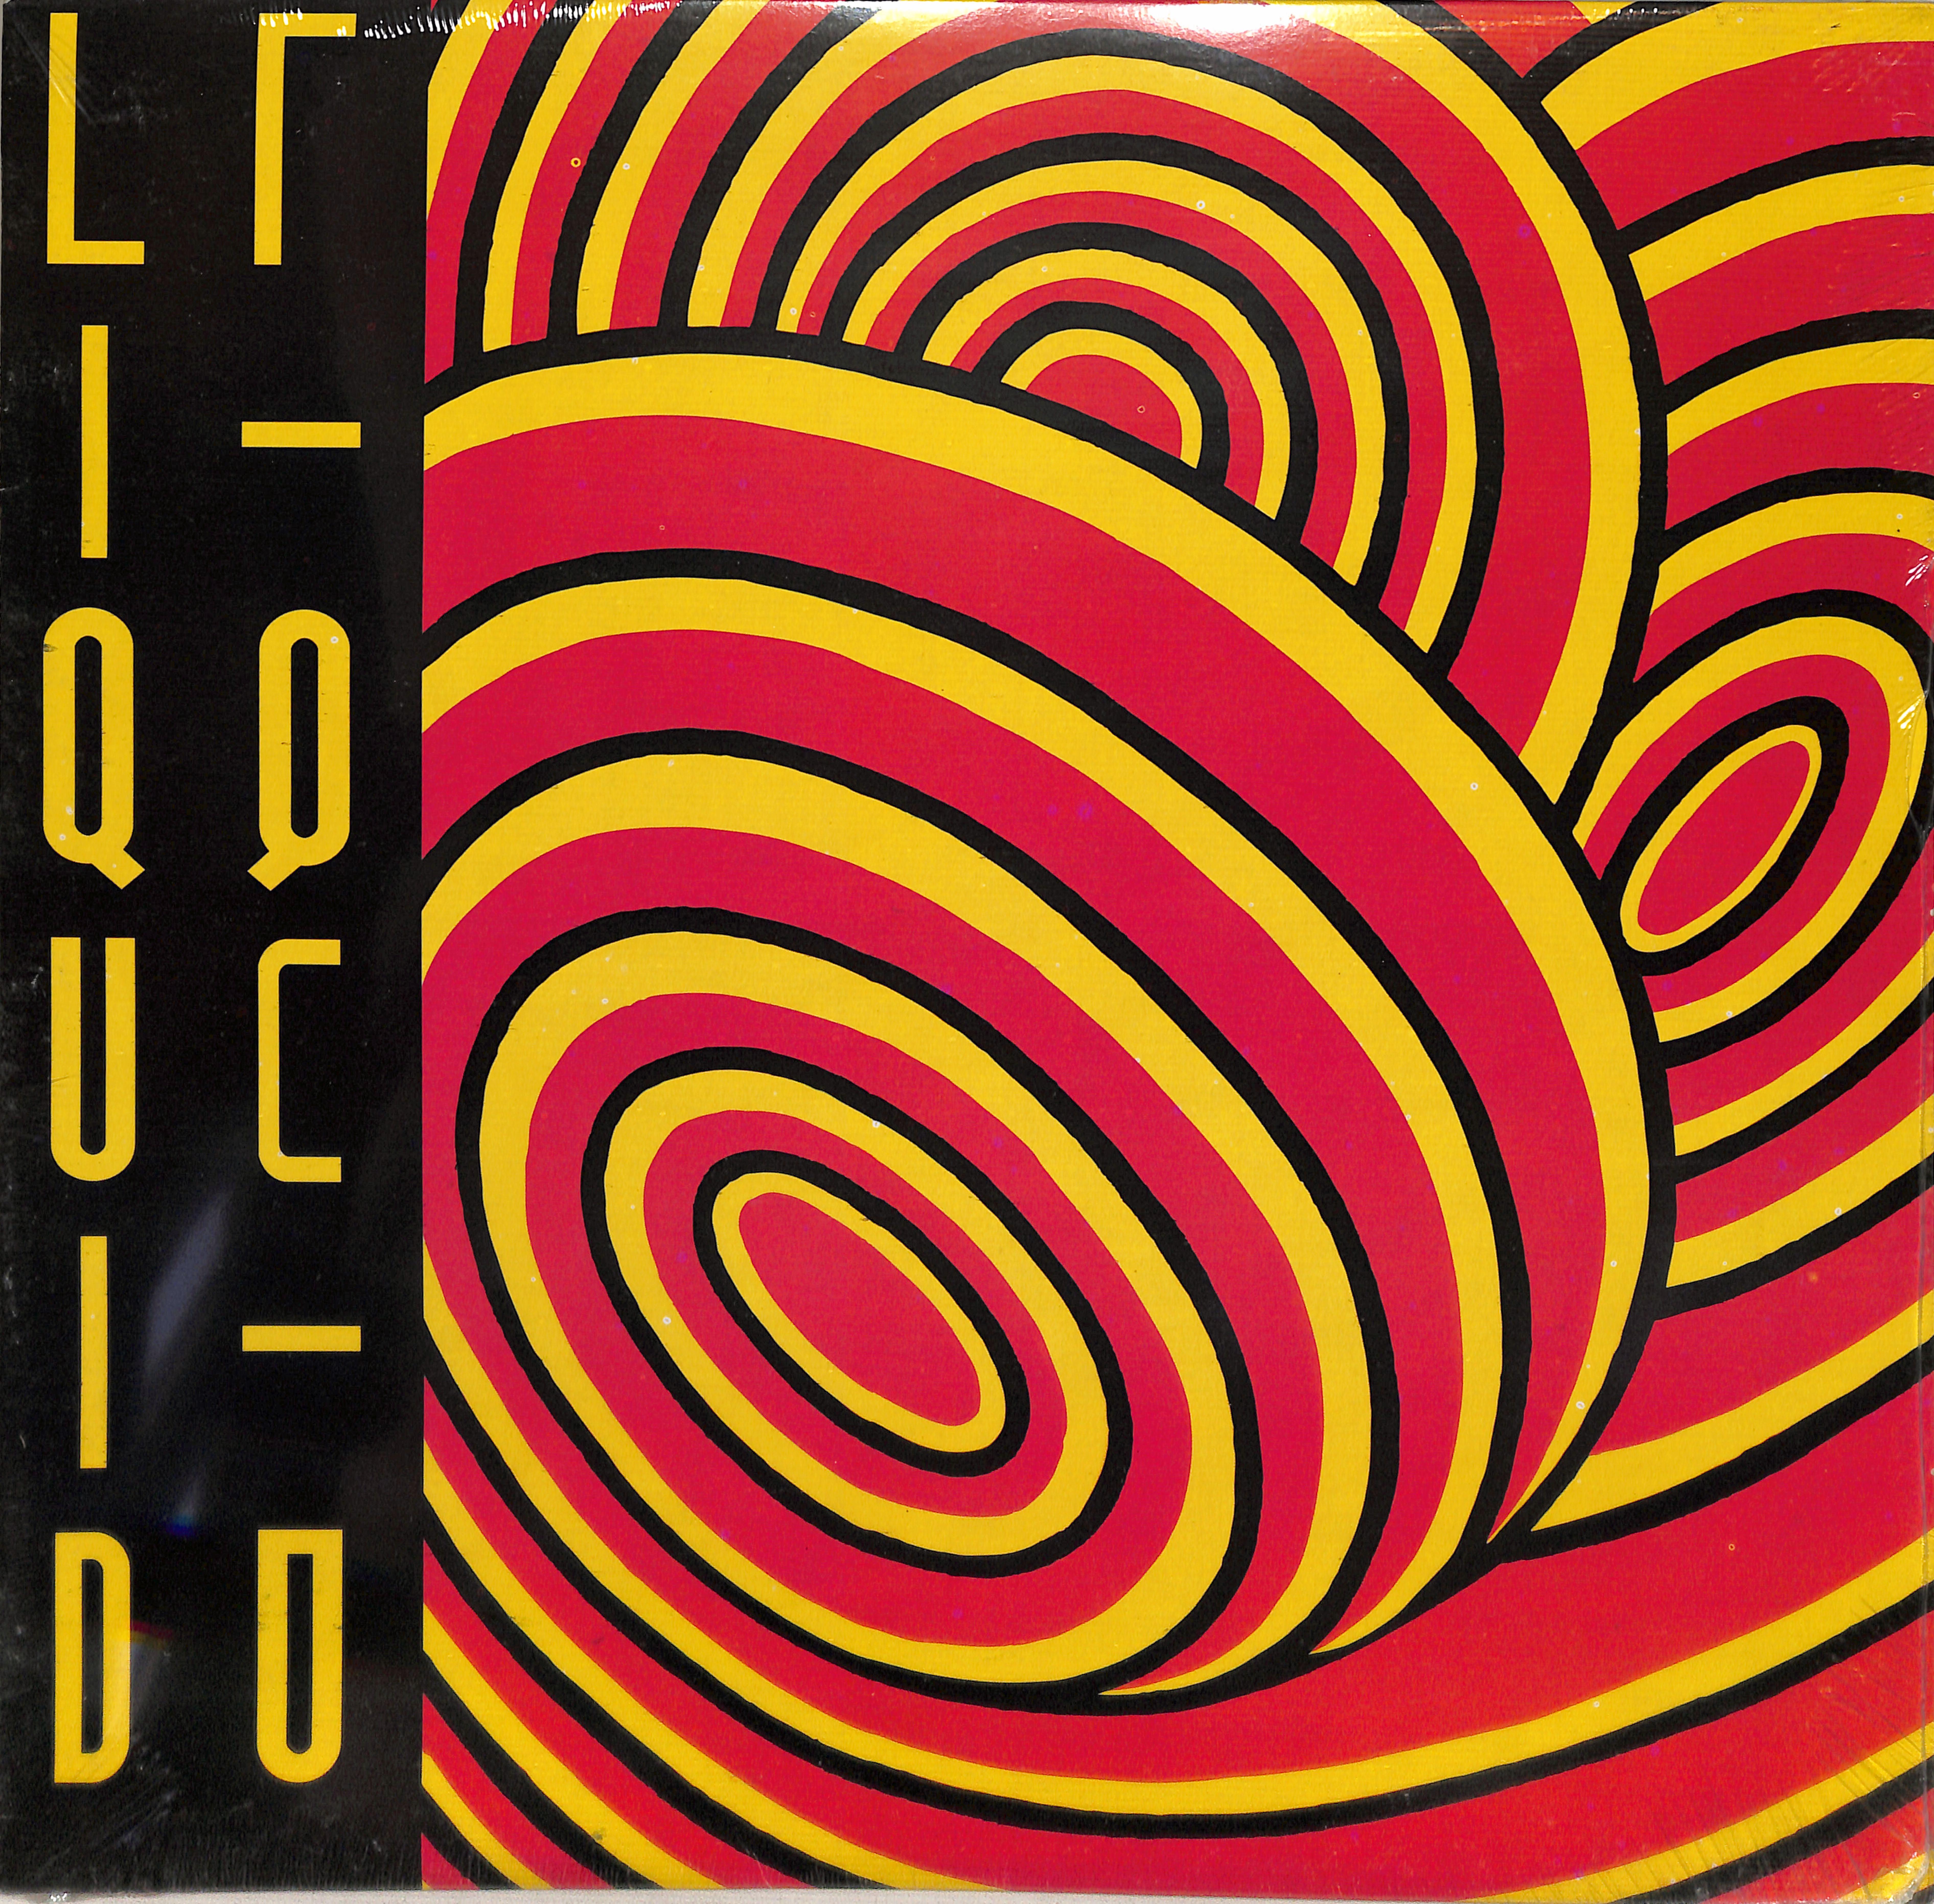 Liquid Liquid - OPTIMO CAVERN